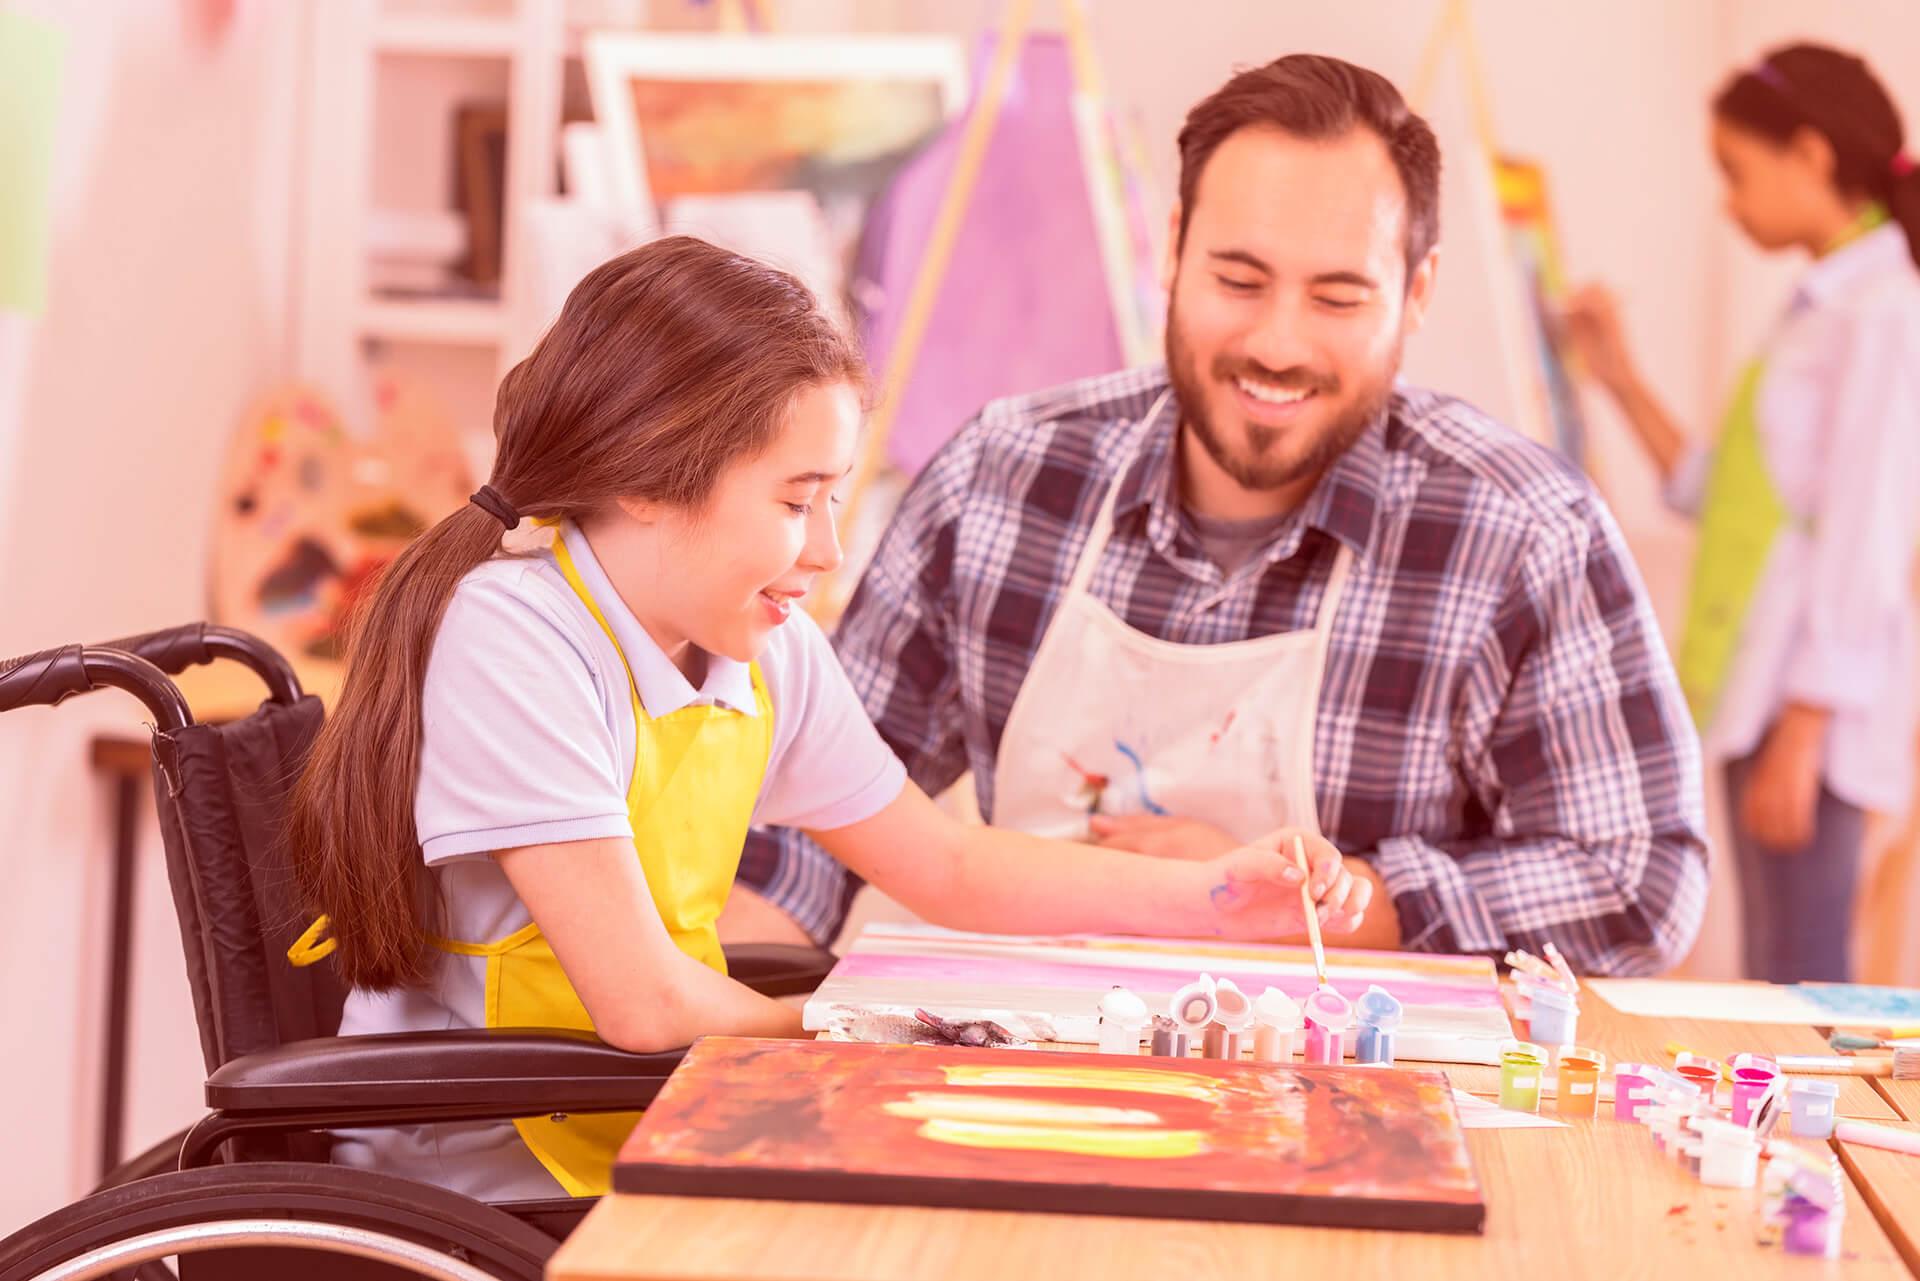 Deficiência Intelectual: aspectos neuropsiquiátricos, pedagógicos e inclusivos